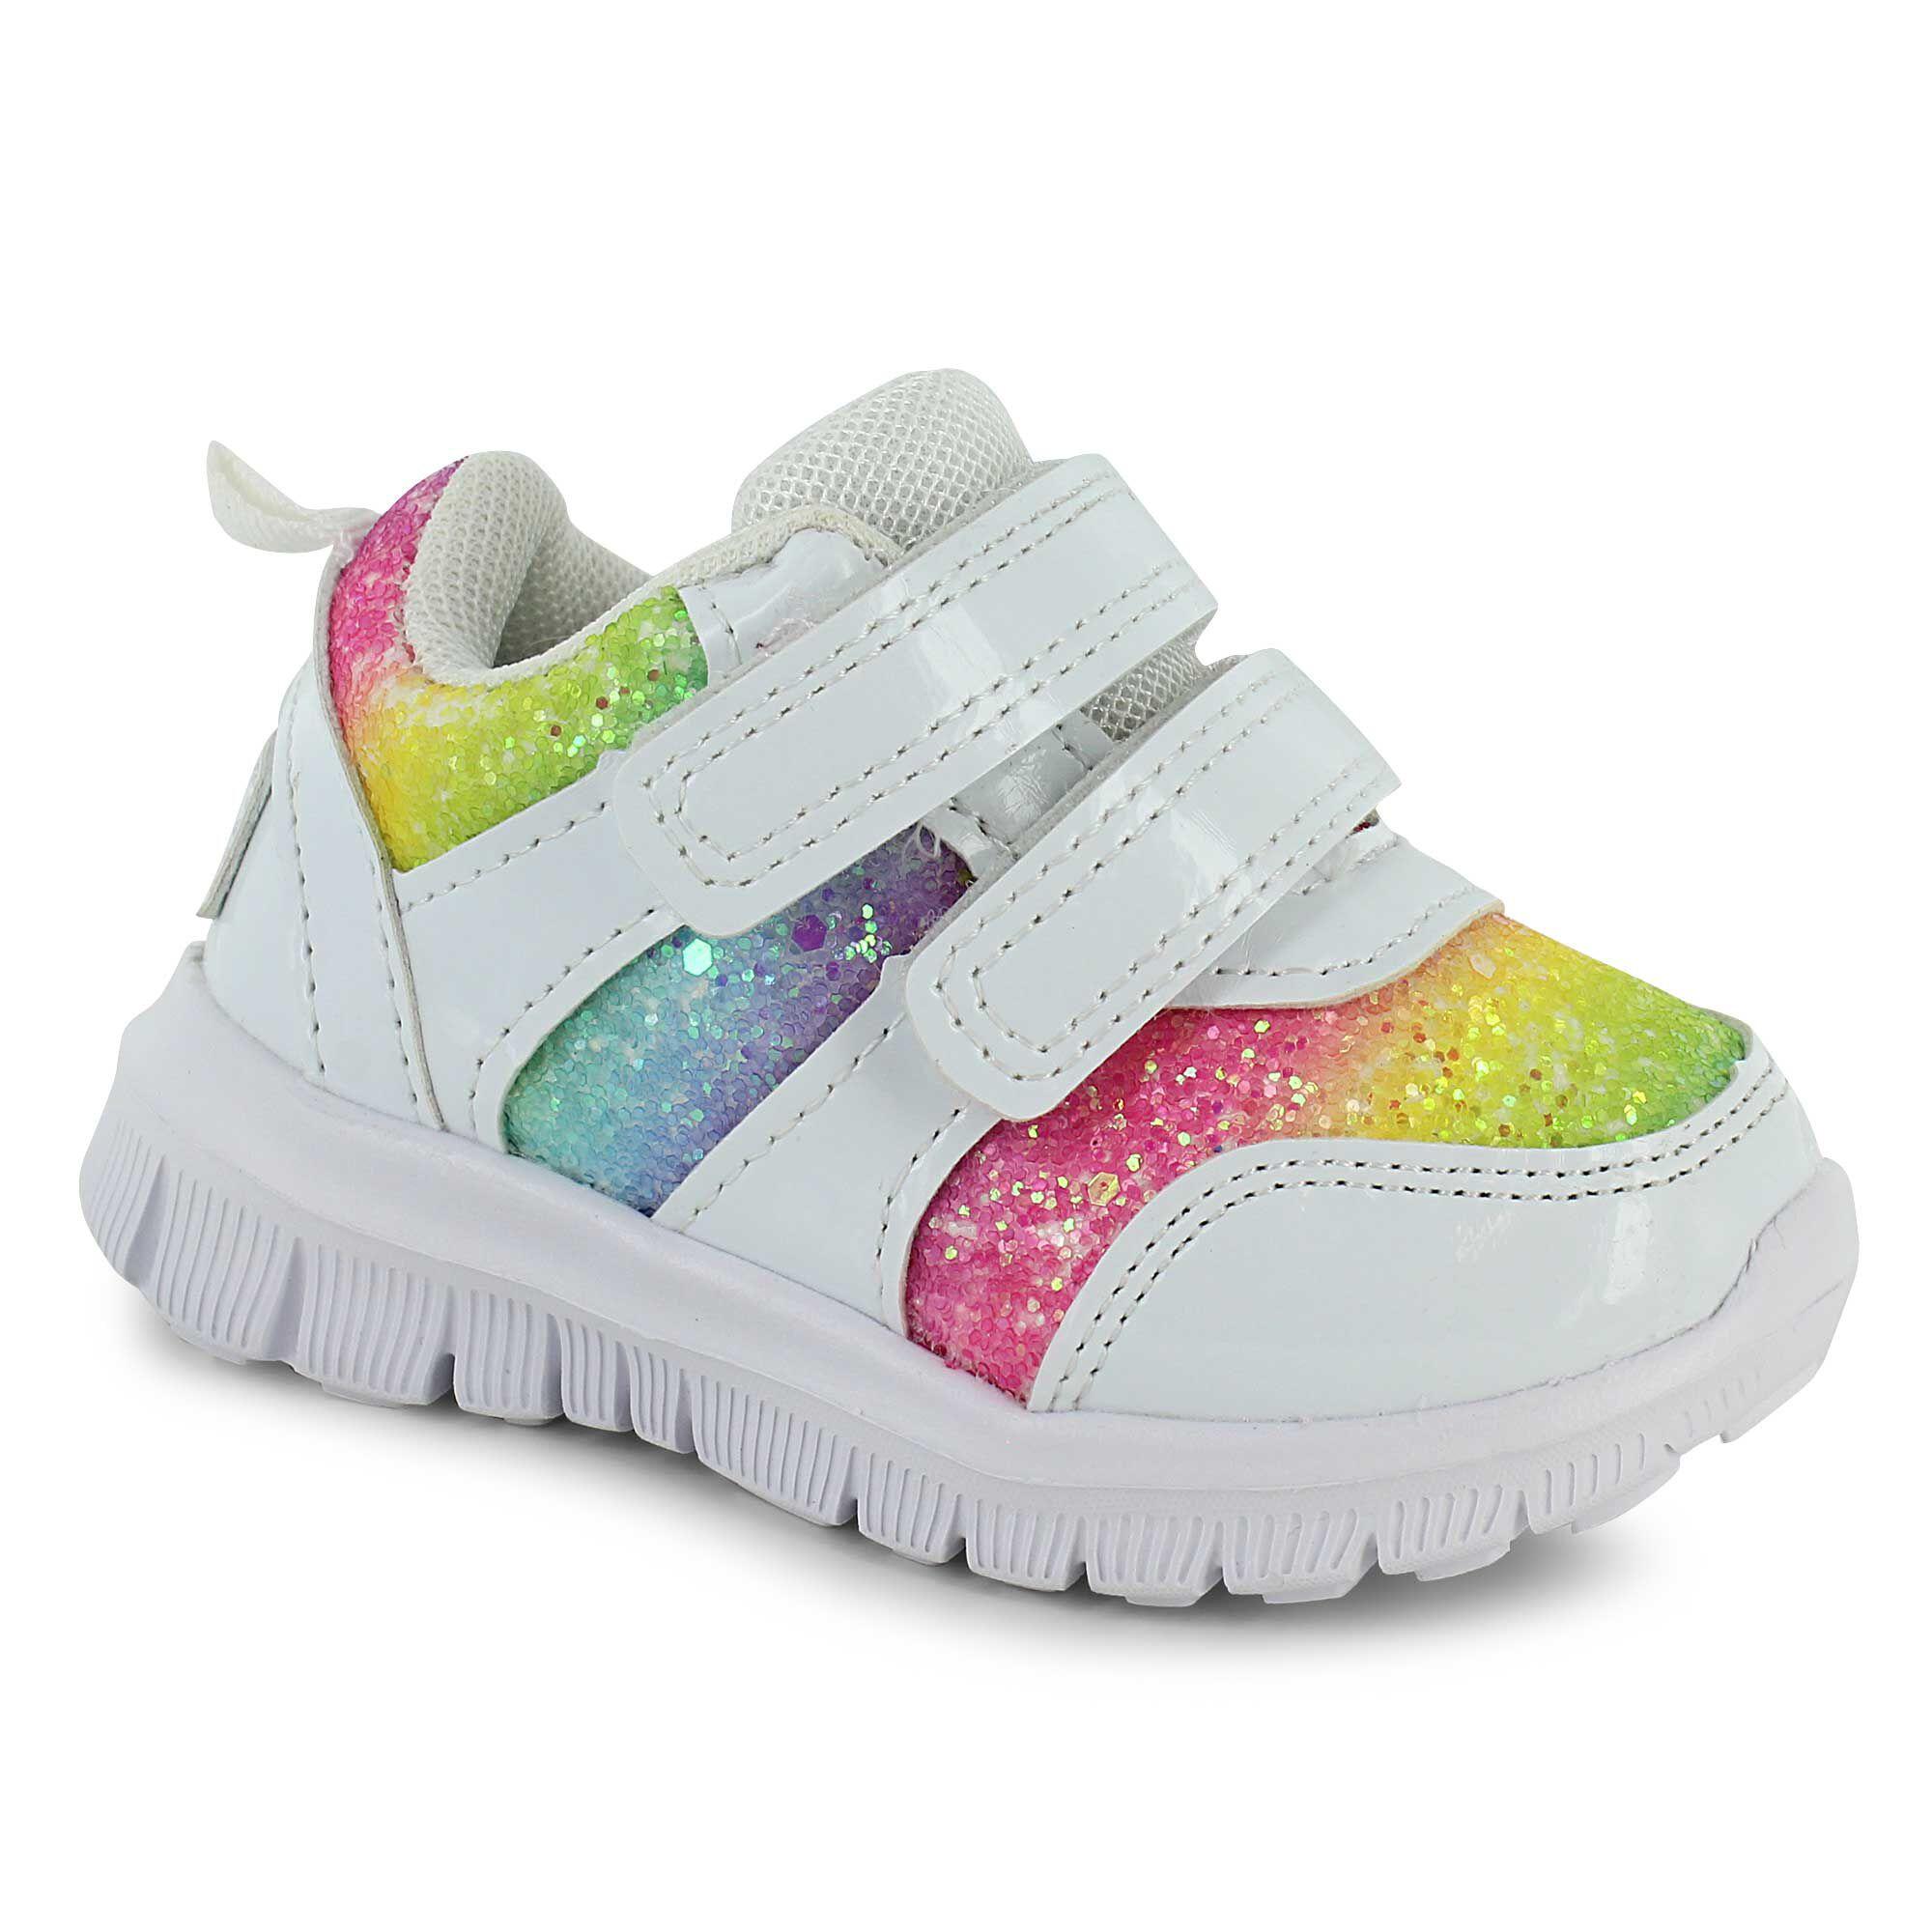 Infant Shoes | Shop Now at SHOE SHOW MEGA